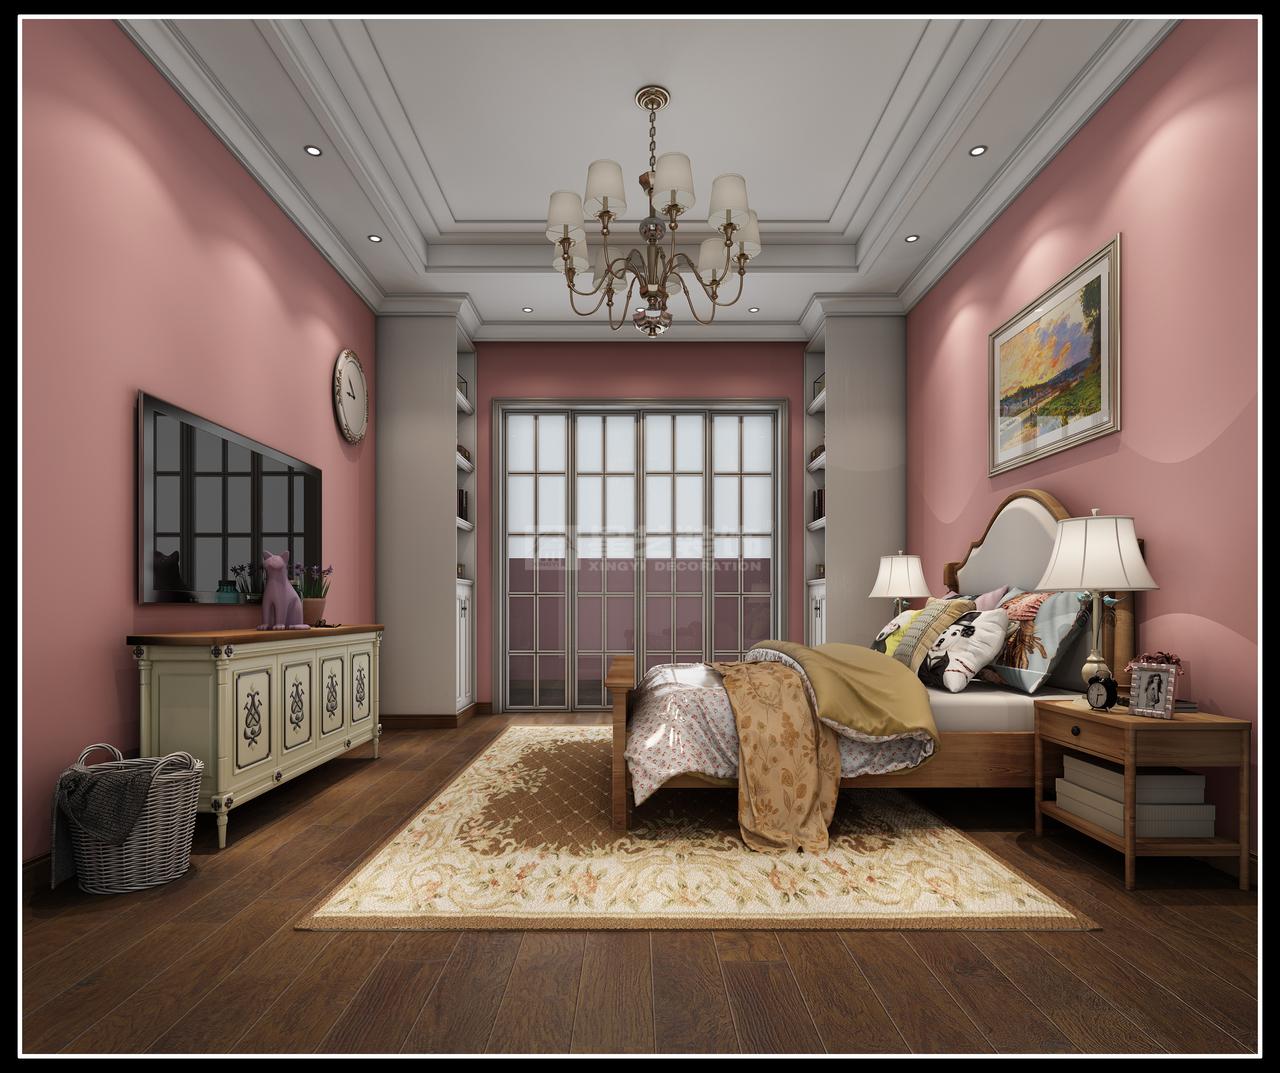 摒弃了繁华的装饰整体采用明快的色调设计风格上结合新美式家具配合美式文化元素从复杂到简单从整体到局部。